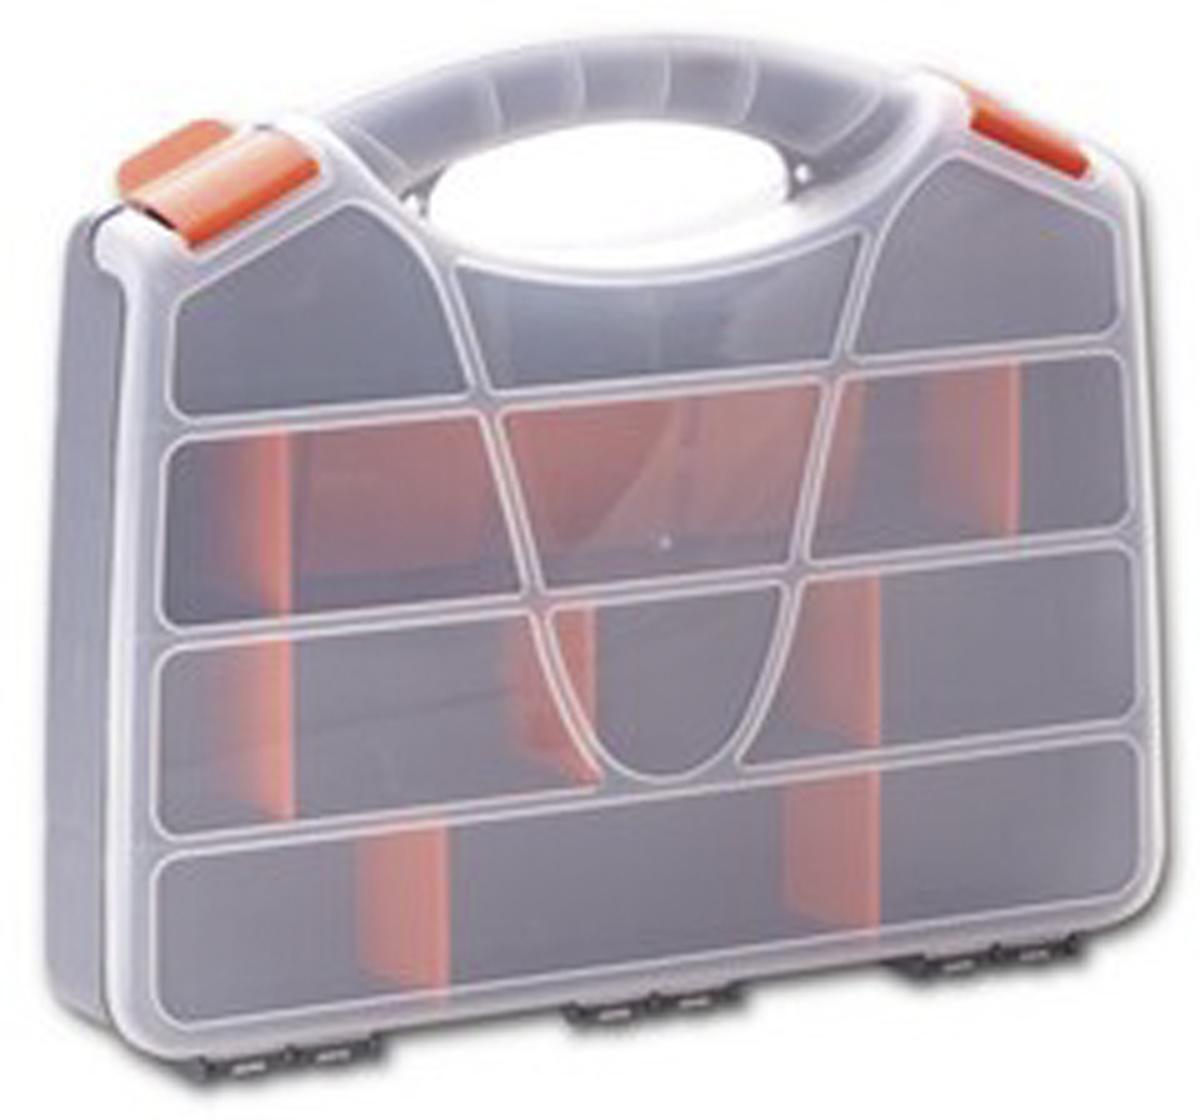 Органайзер для инструментов Blocker Profi, цвет: серый, оранжевый, 32 х 26 х 5,5 смПЦ3720СРСВИНЦОРУдобный органайзер Blocker Profi предназначен для переноски и хранения инструментов. Изделие выполнено из высококачественного полипропилена. Прозрачная крышка, небольшой размер и продуманная эргономика делают хранение любых мелочей простым и эффективным. Надежные замки предохраняют от случайного открытия. Съемные разделители позволяют организовать пространство в соответствии с вашими пожеланиями.